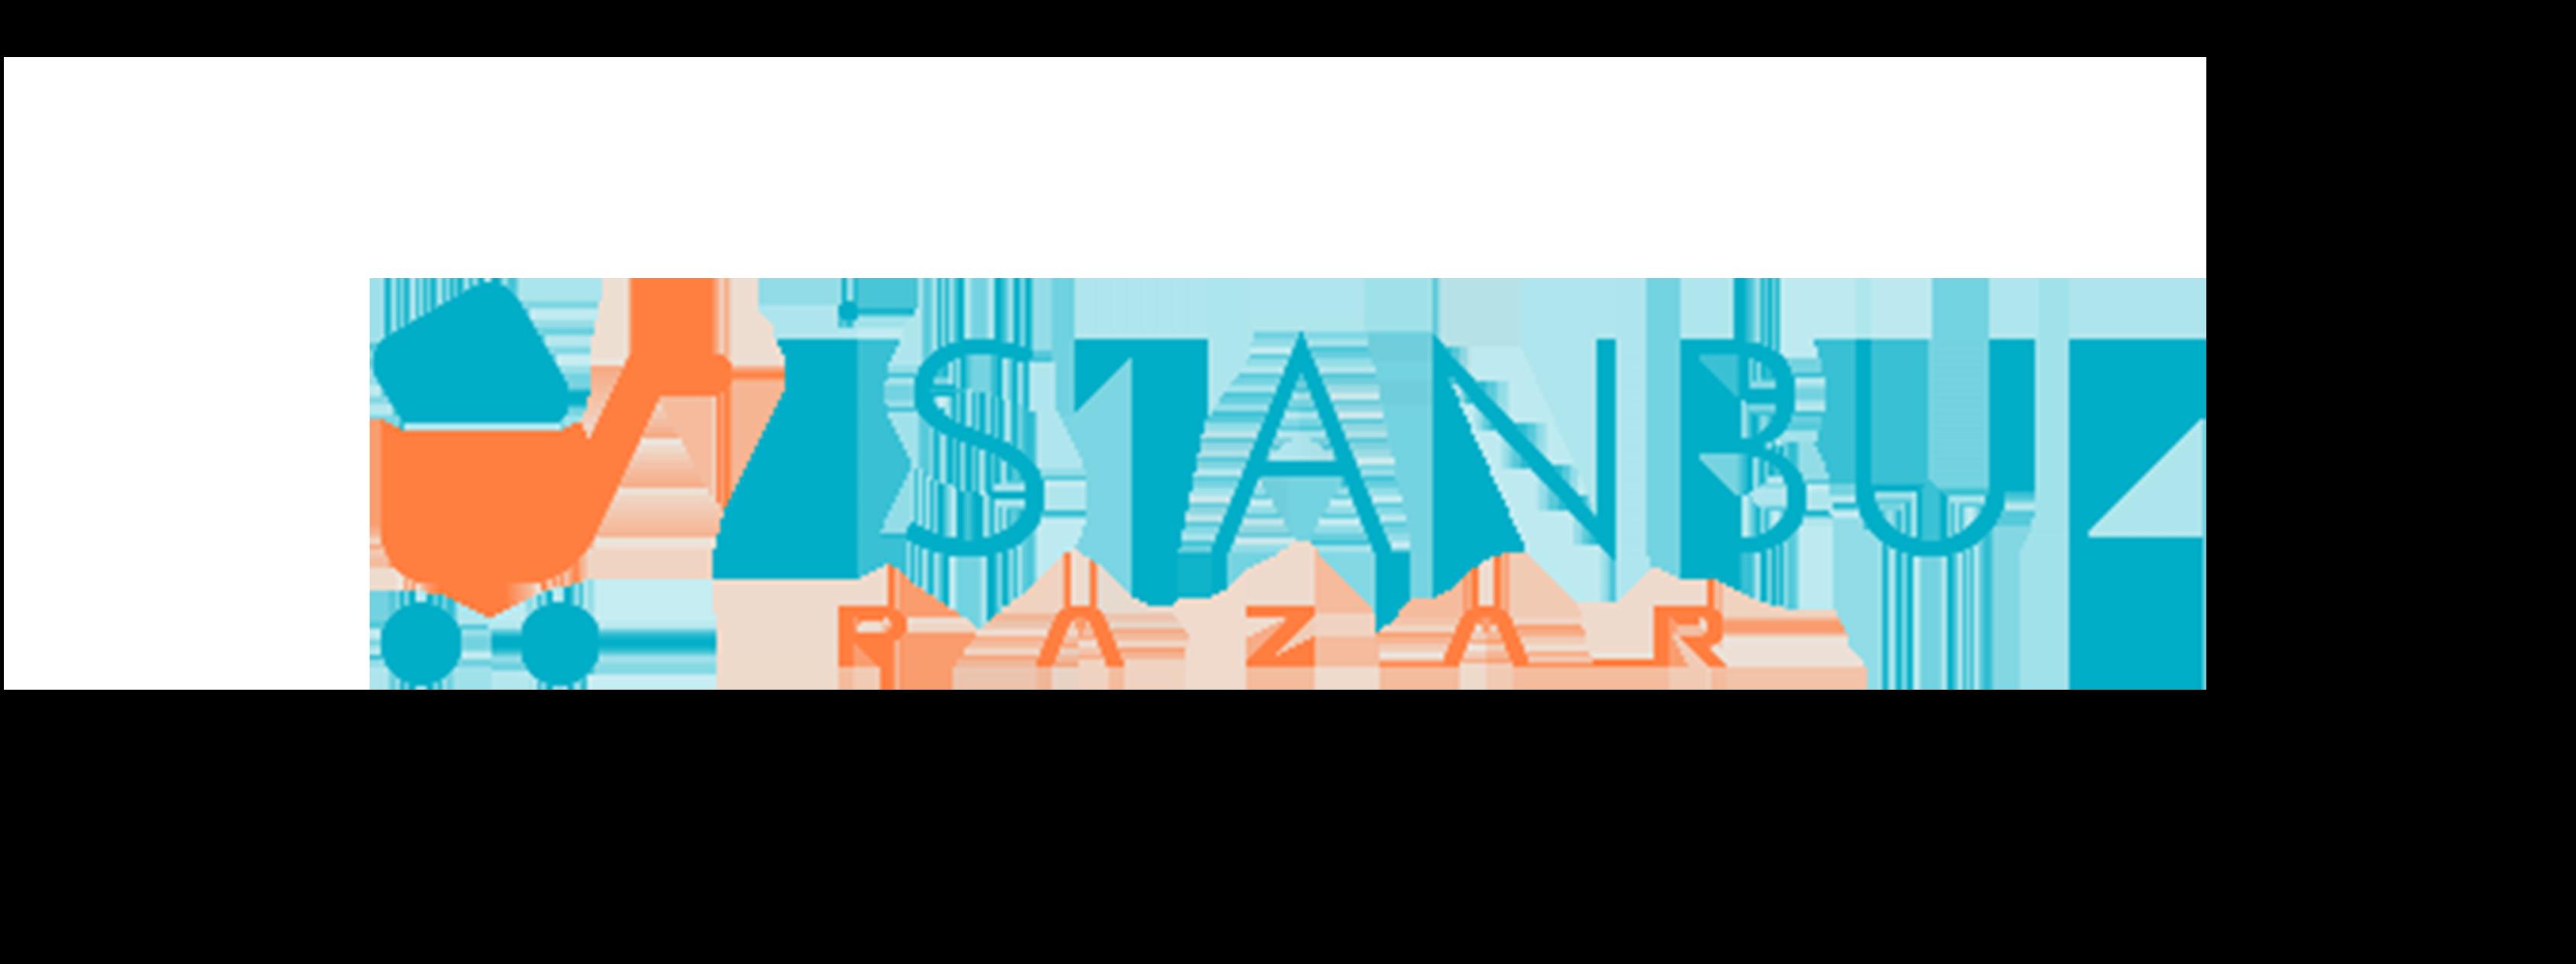 İstanbul Pazar